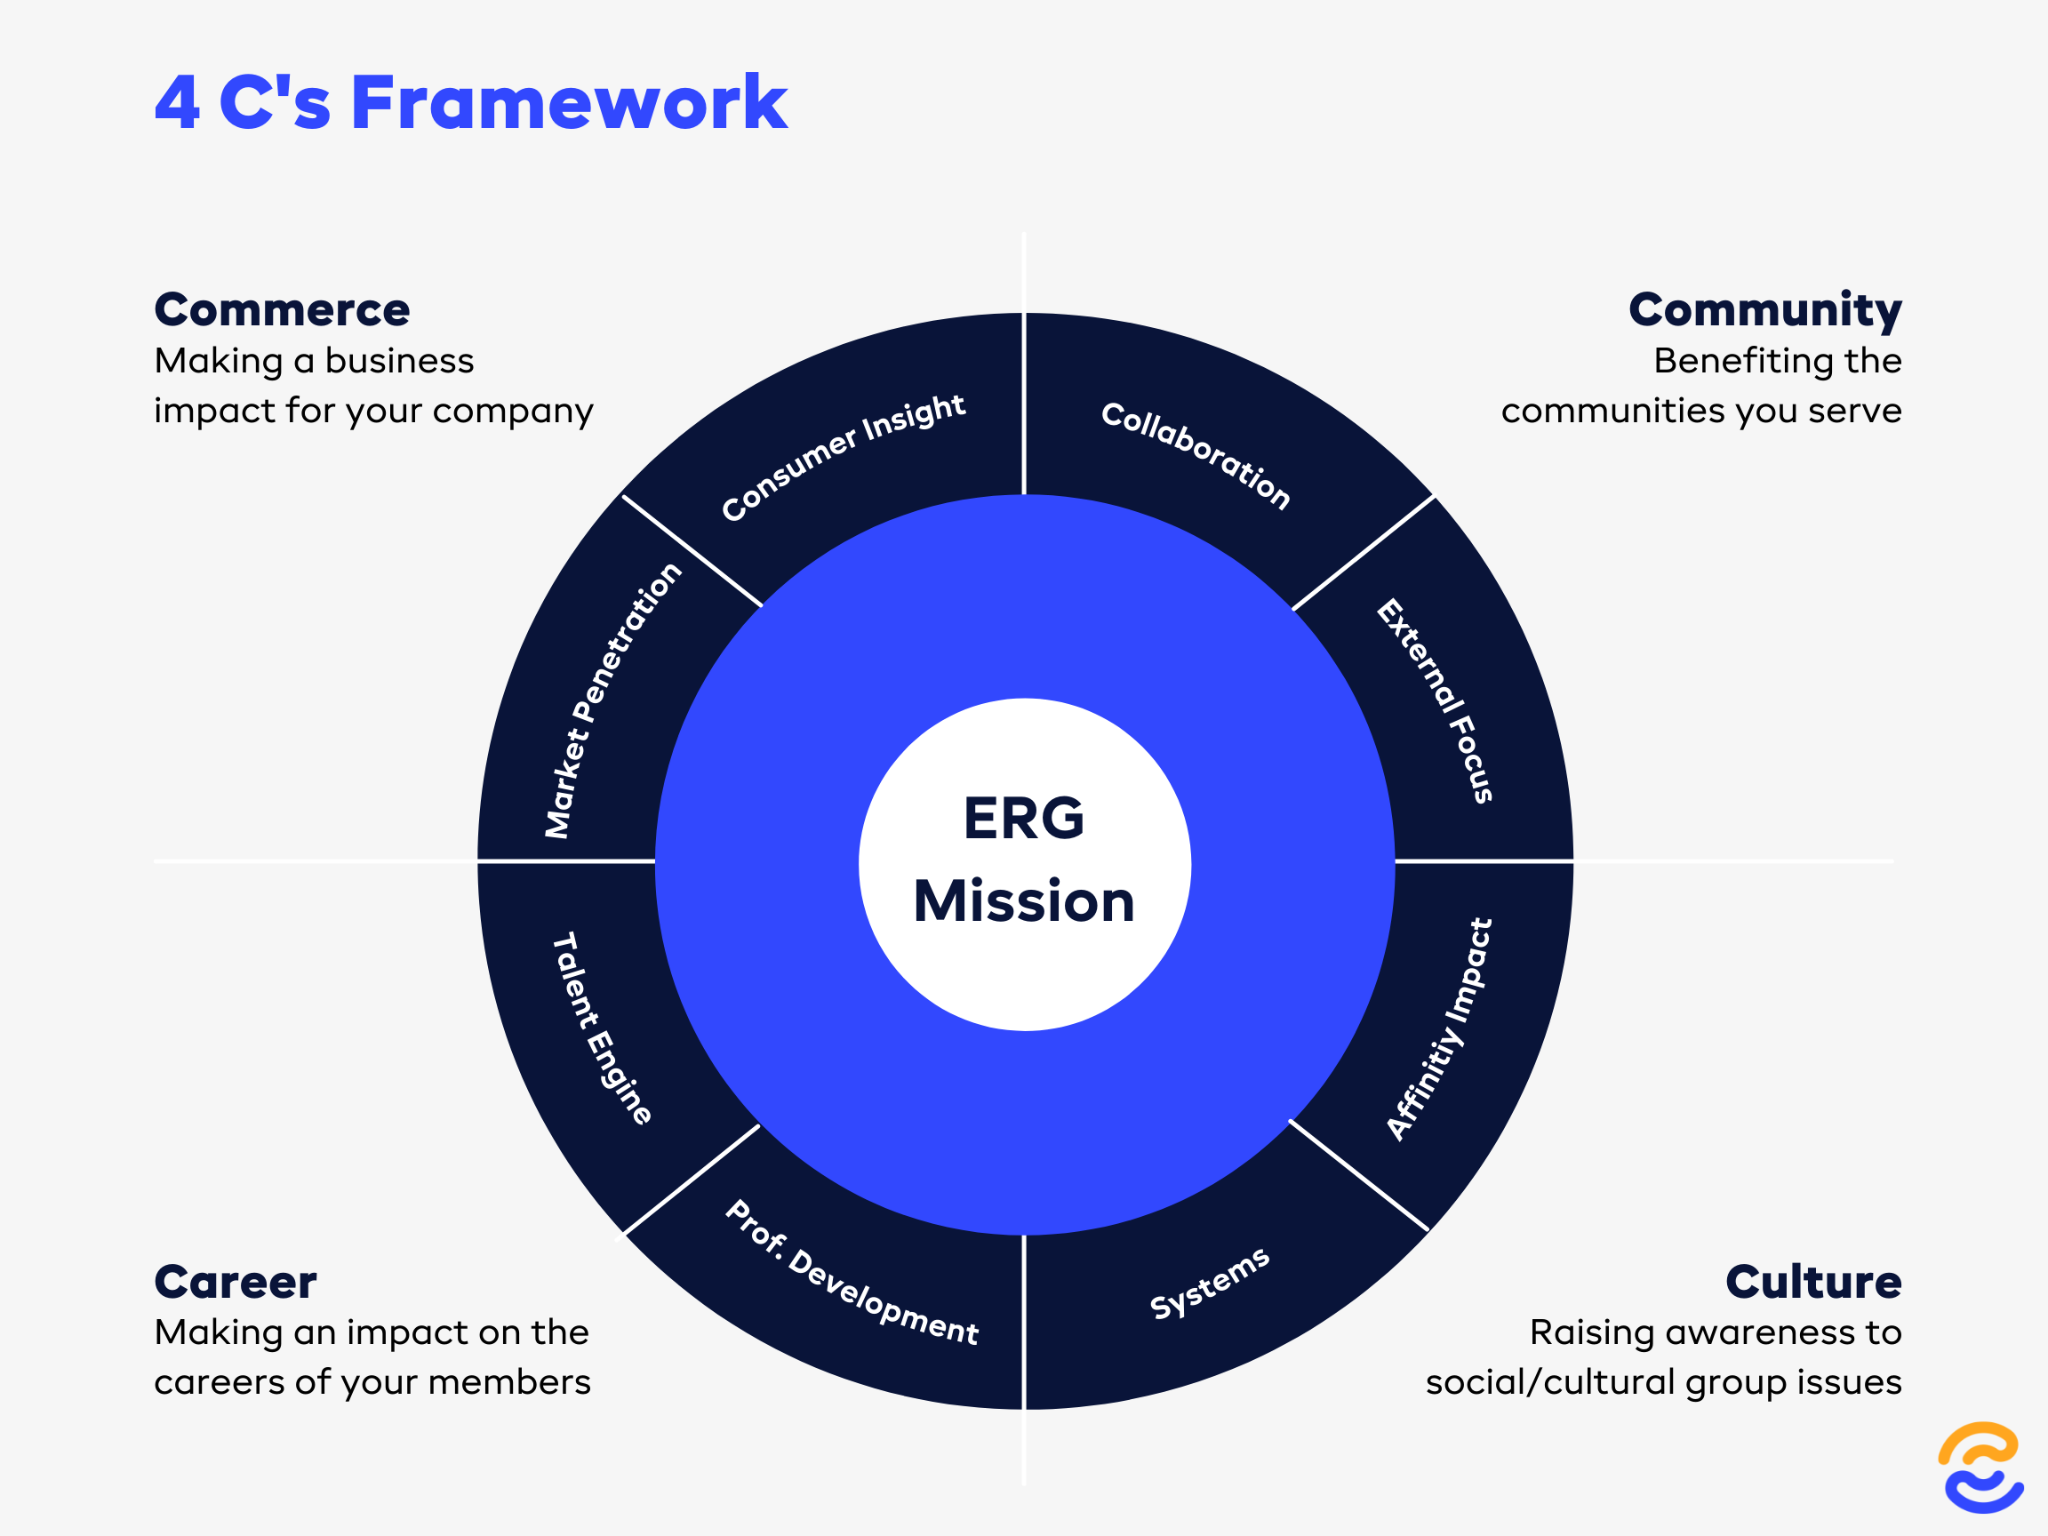 Illustration of the 4 C's framework